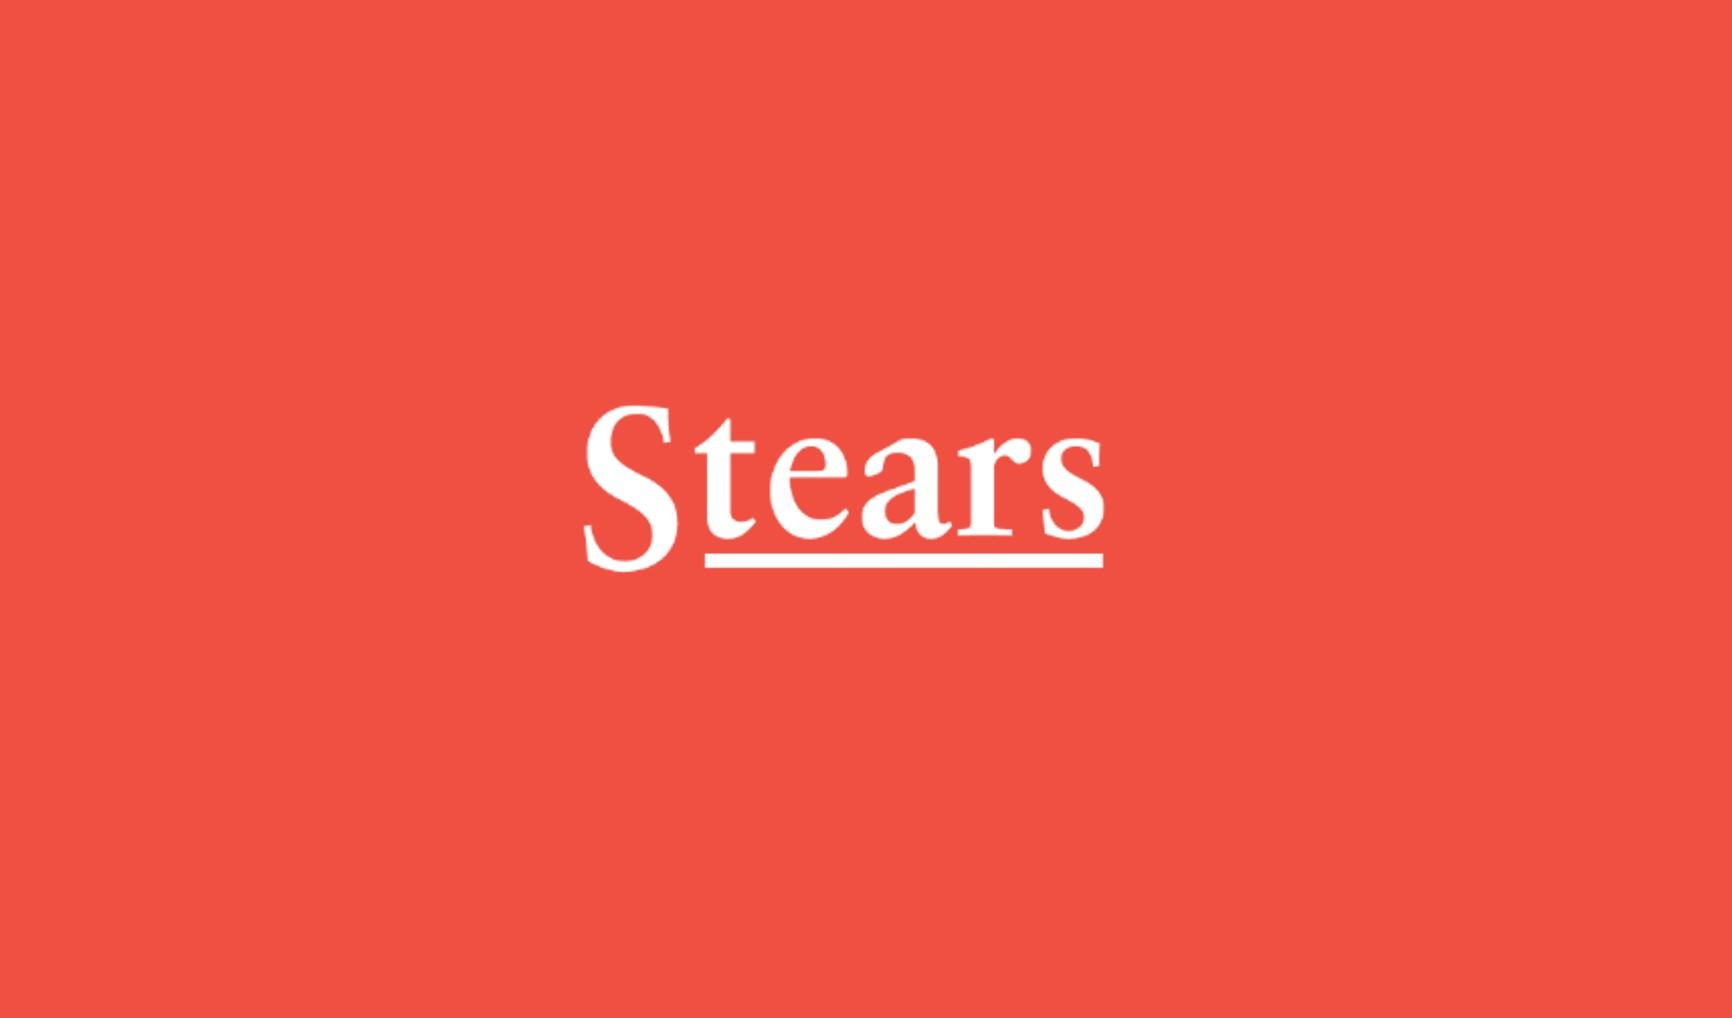 Stears